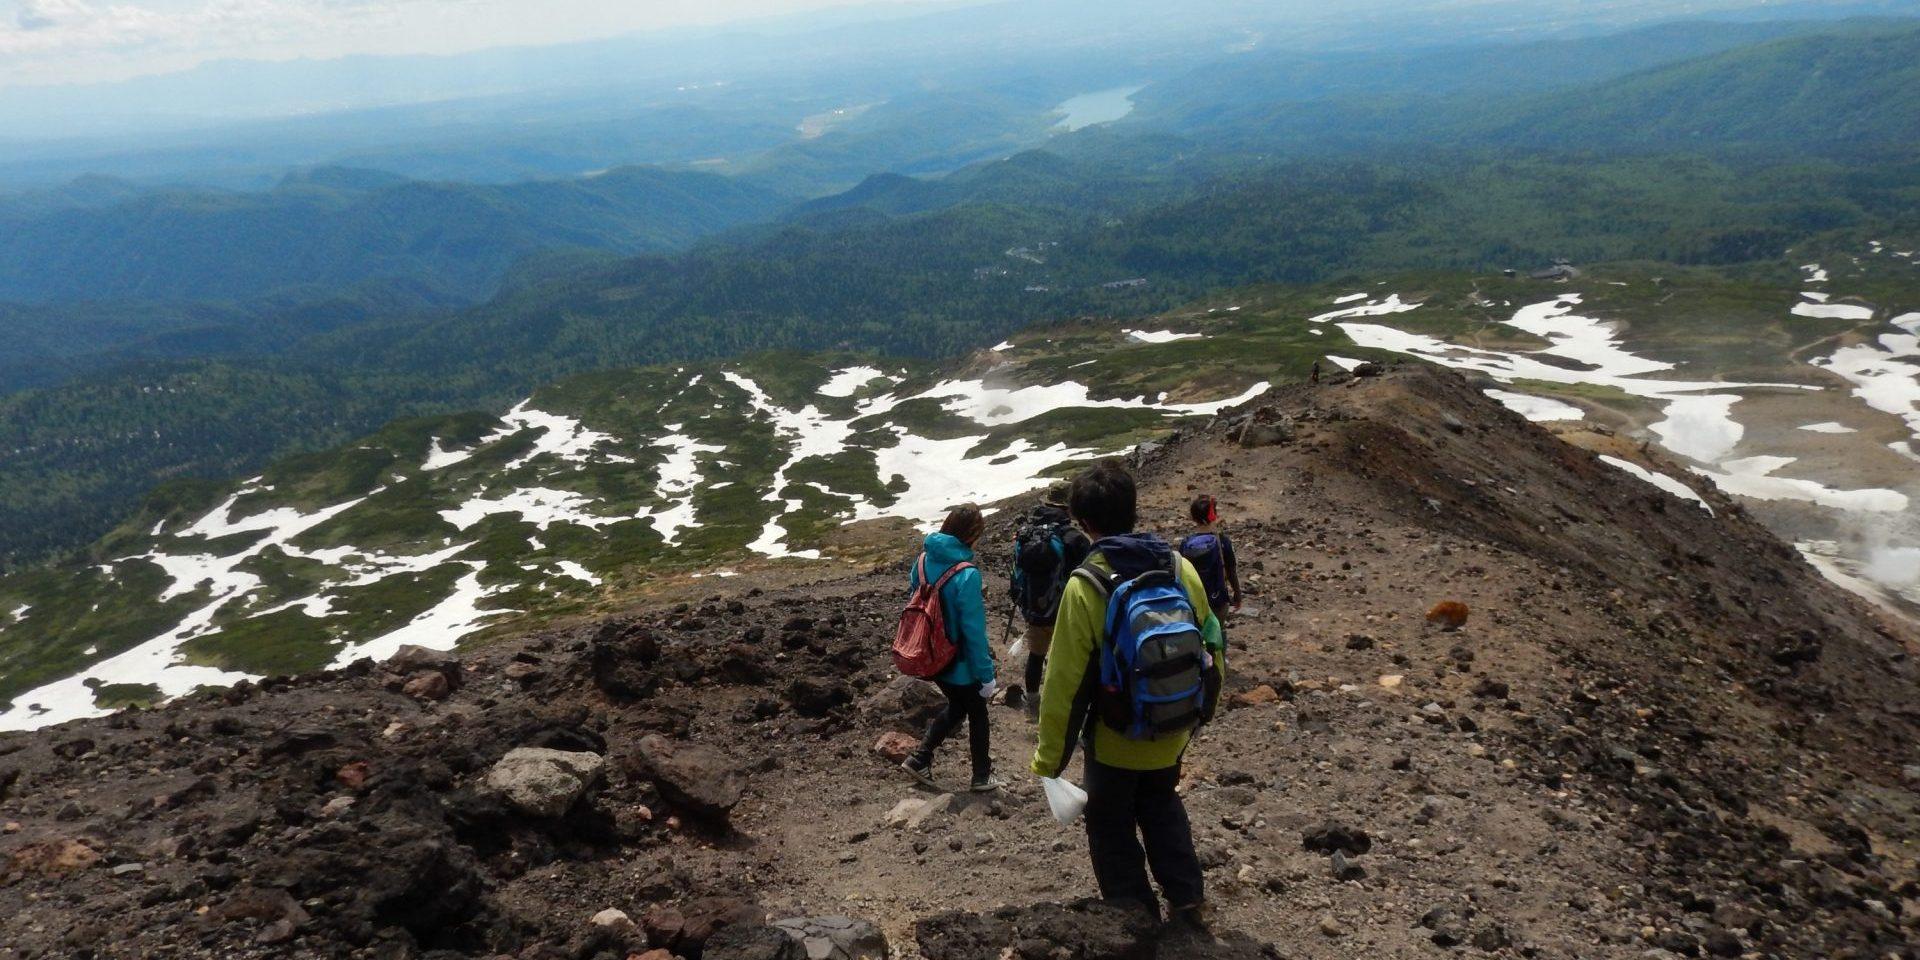 国立公園の中で学生ボランティアが活動できる唯一の場所ではないだろうか。大雪山国立公園旭岳の自然保護プロジェクトでは、このような雄大な光景に目を奪われることがたくさんある。